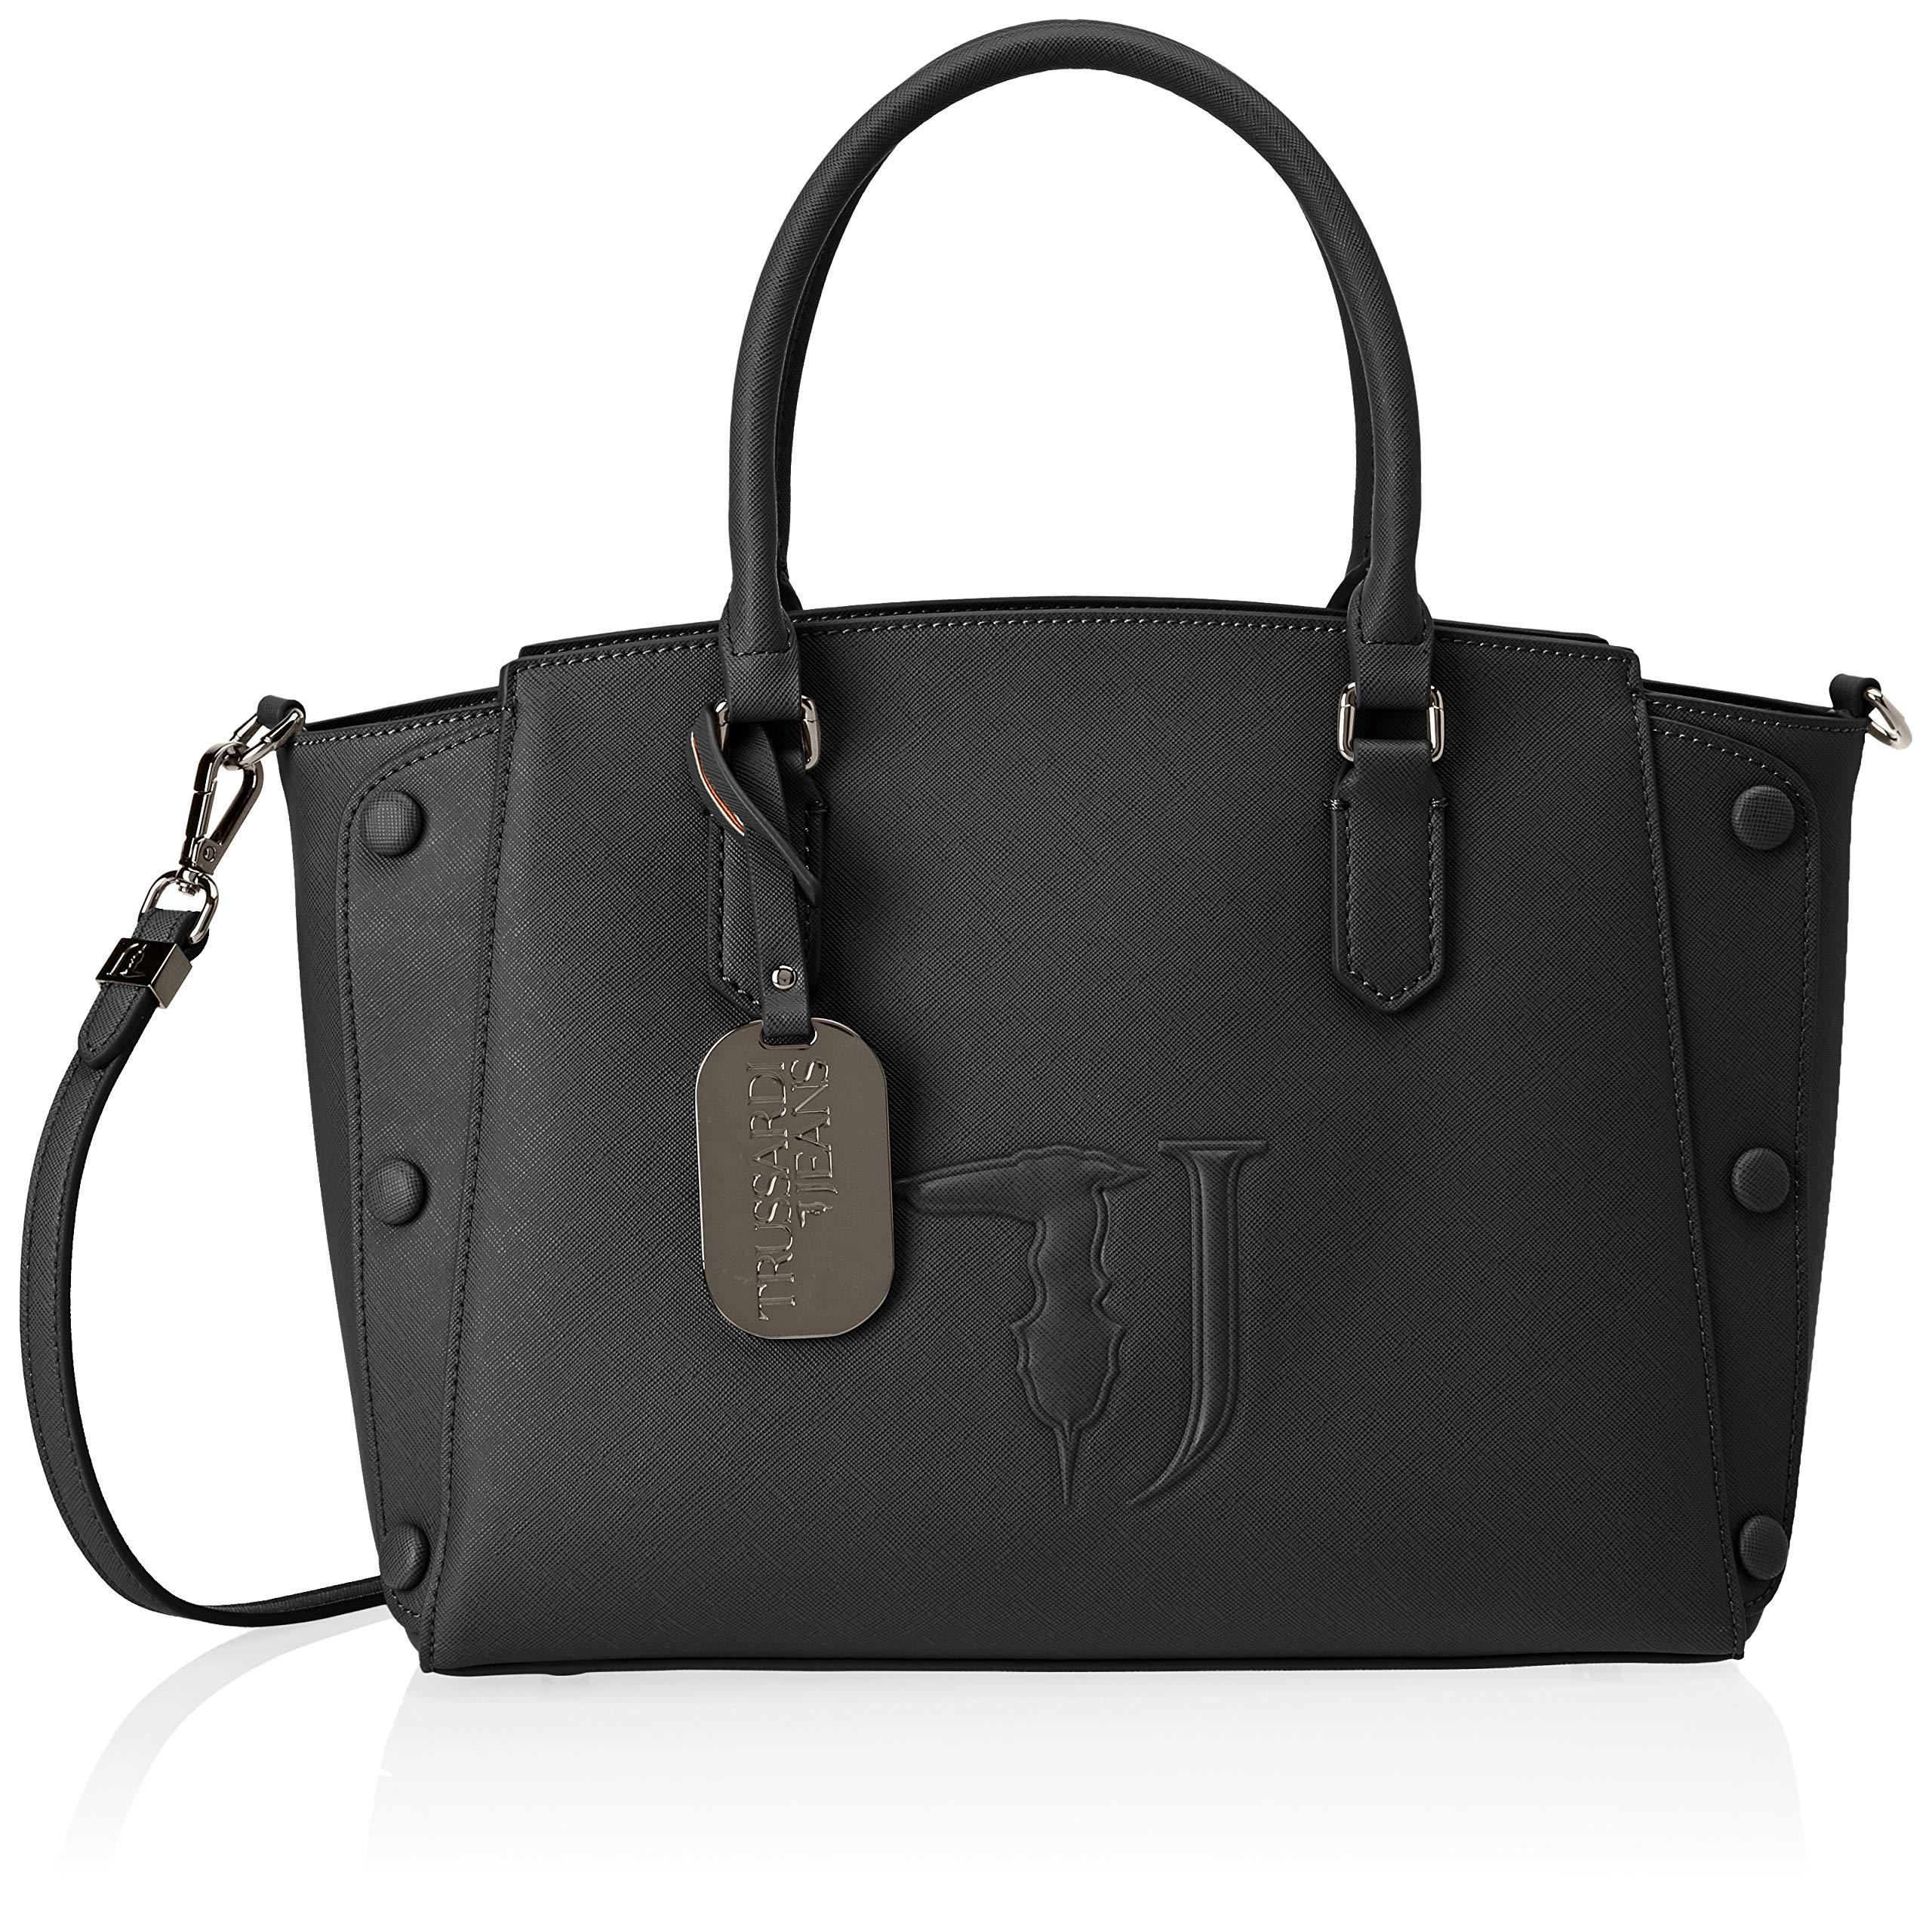 L Medium X Tone21x24x13 Trussardi On Covered Tote Cmw StudsFemmeNoirblack 5 Bag Melissa Jeans H wkPN0OX8n